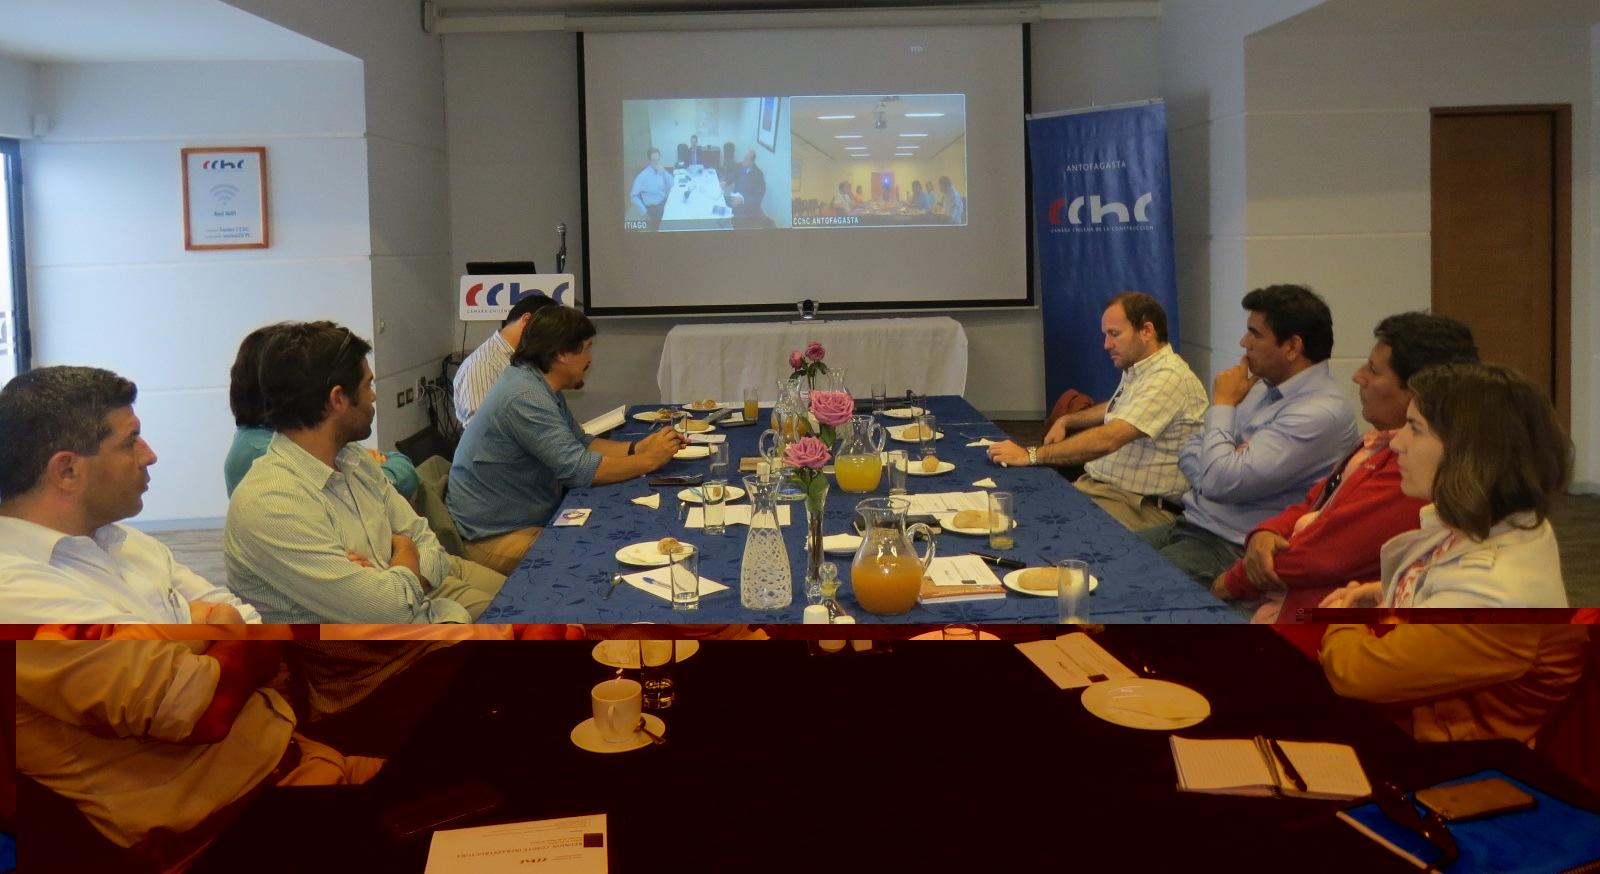 Comité de <mark>Infraestructura</mark> define grupos de trabajo internos para tratar temáticas noticias